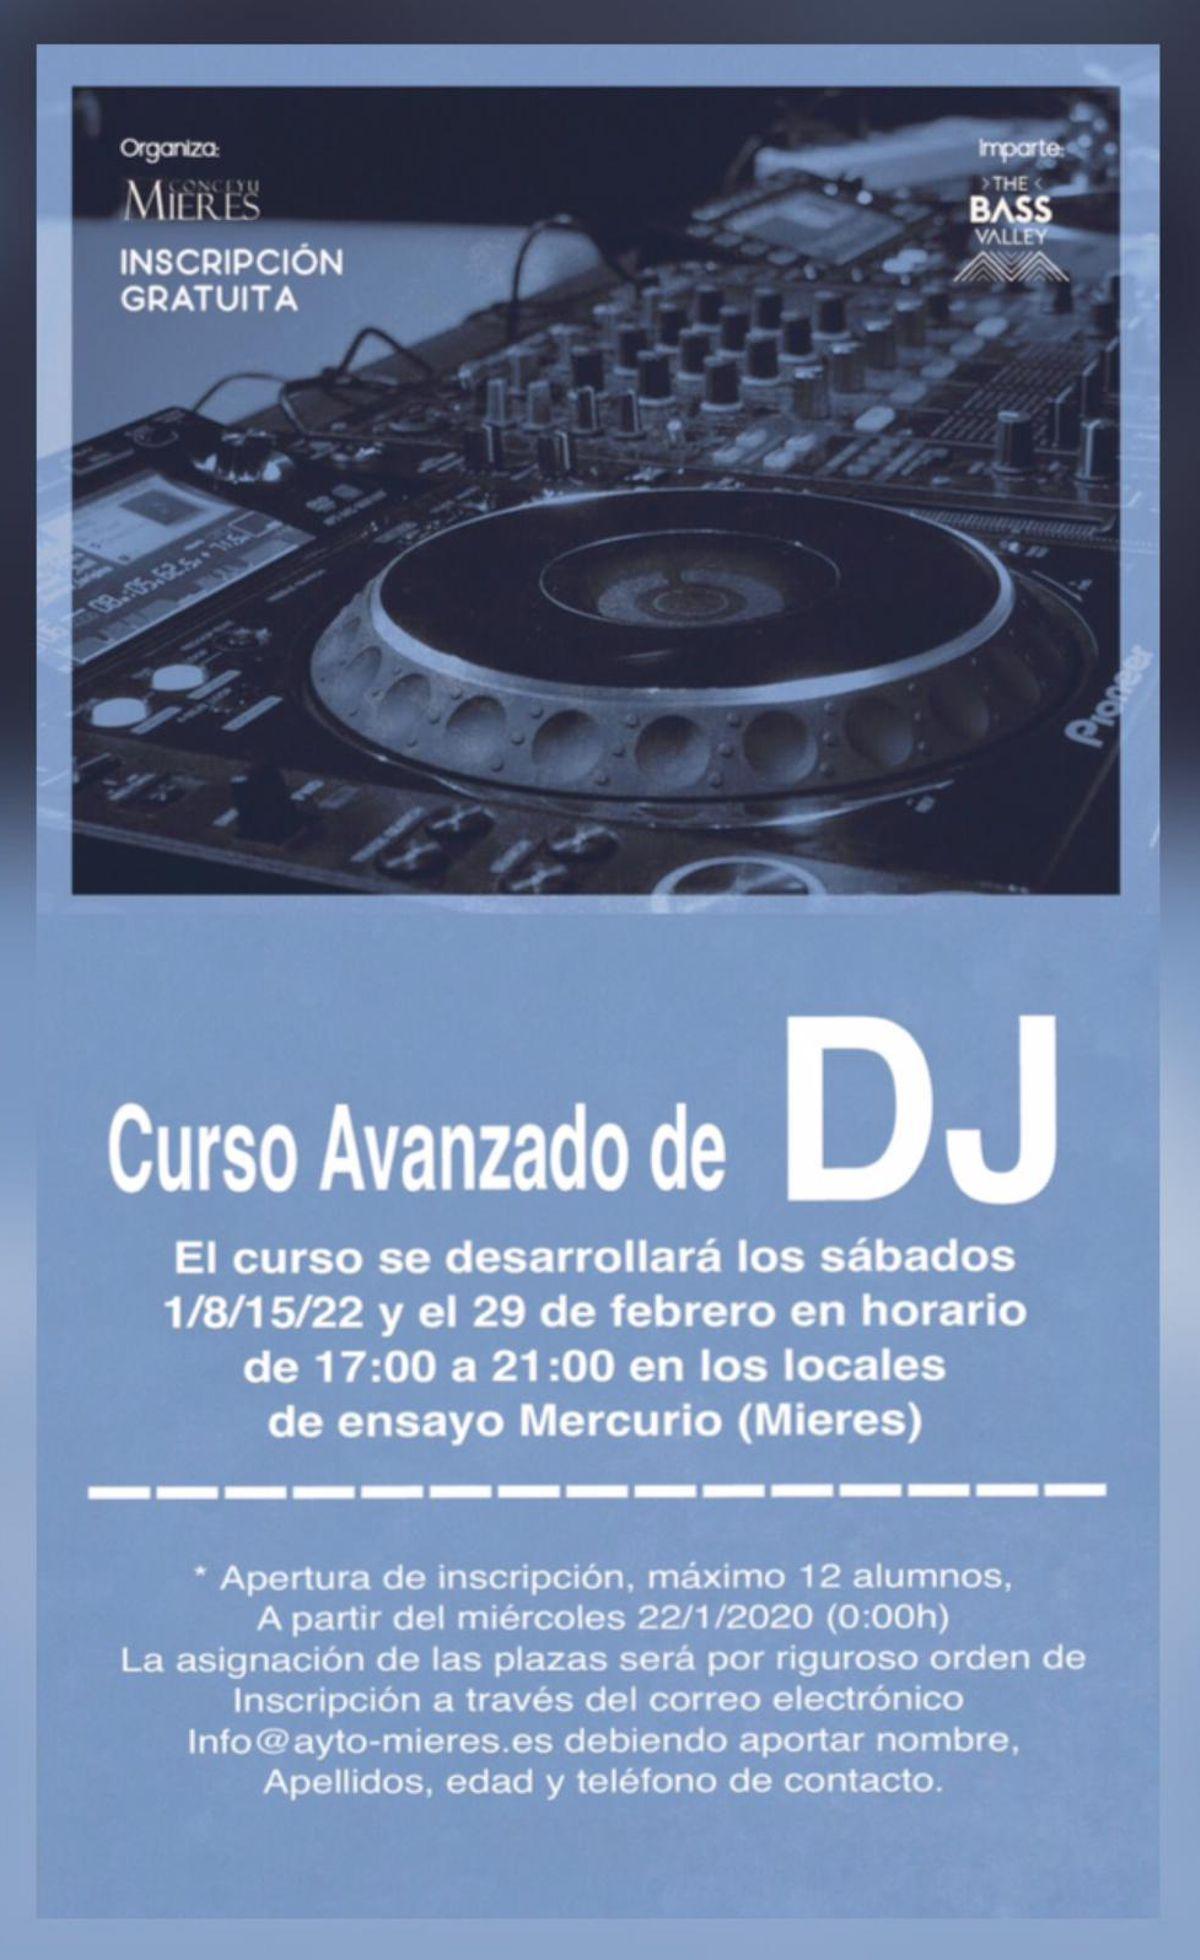 Curso Avanzado DJ 2020